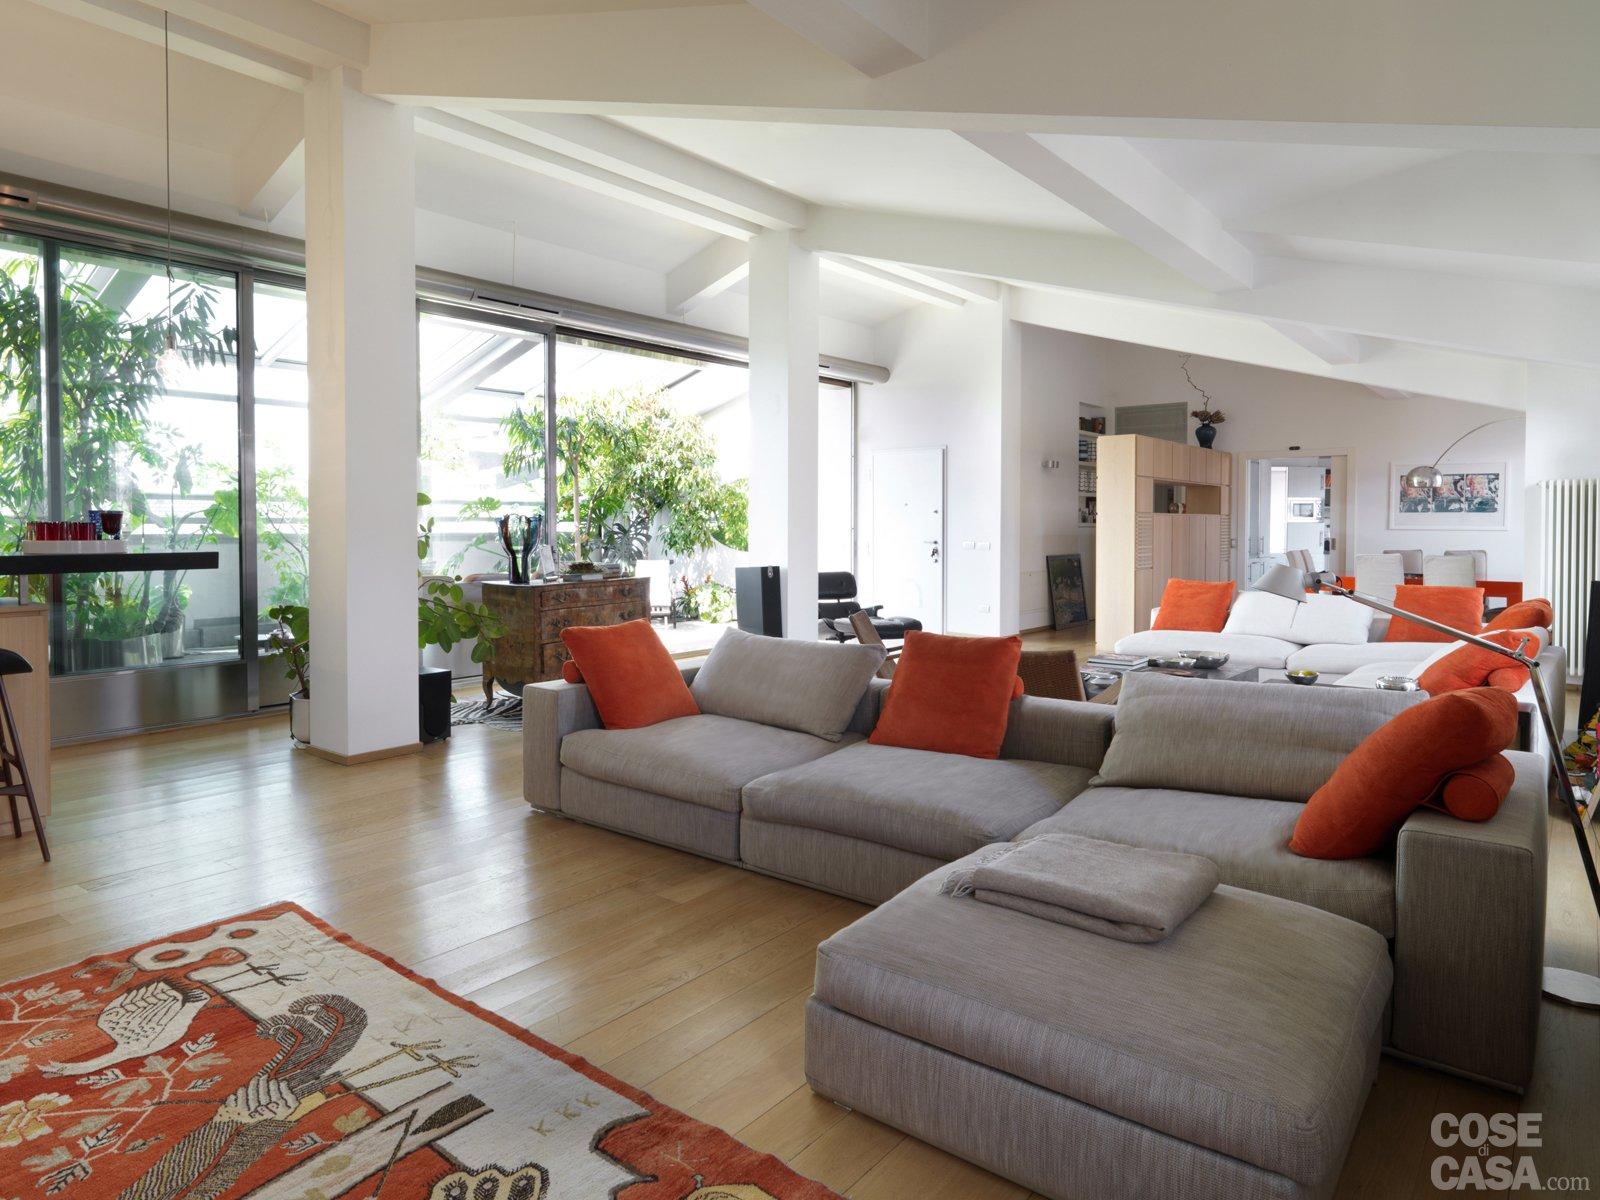 Protagonisti travi e pilastri cose di casa for Casa di design online